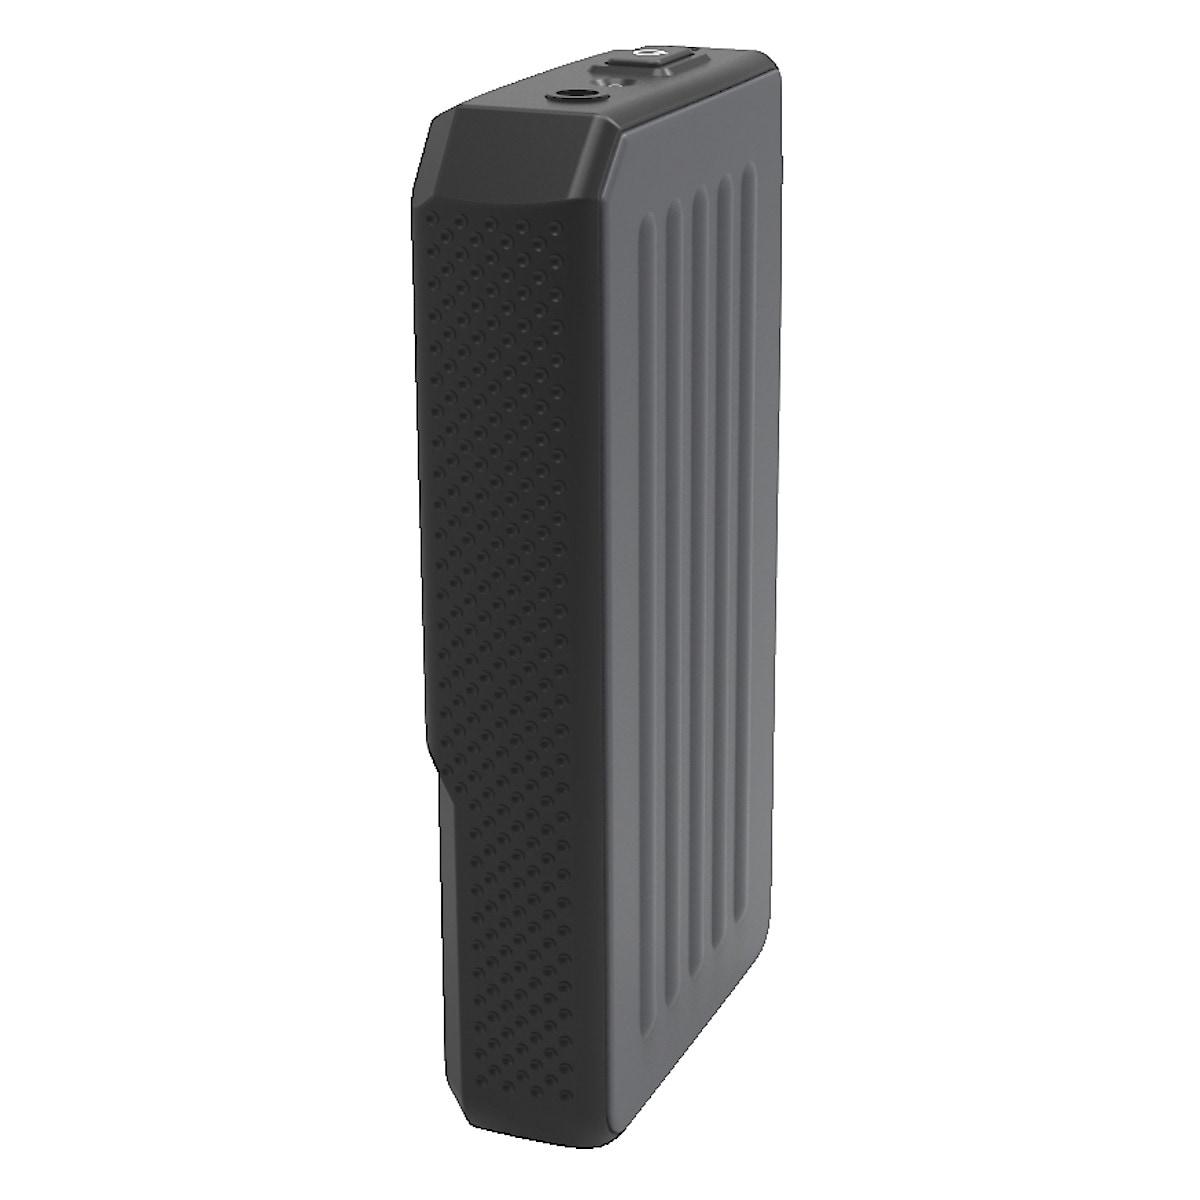 Exibel DPX2, Miniradio DAB+/FM